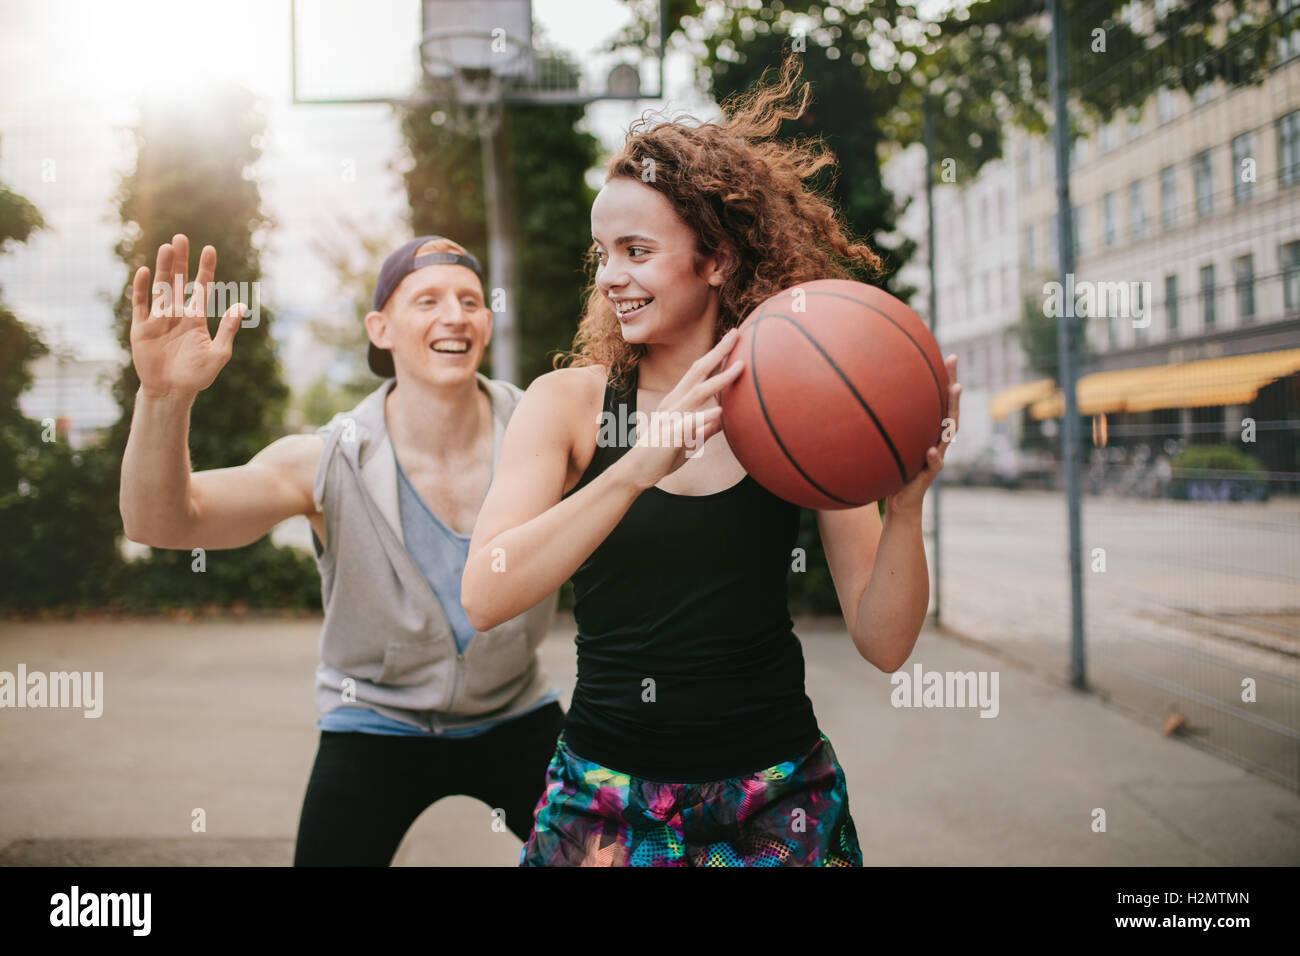 Niña jugando baloncesto con boy bloqueando. Amigos adolescentes disfruta de un juego de streetball en corte Imagen De Stock